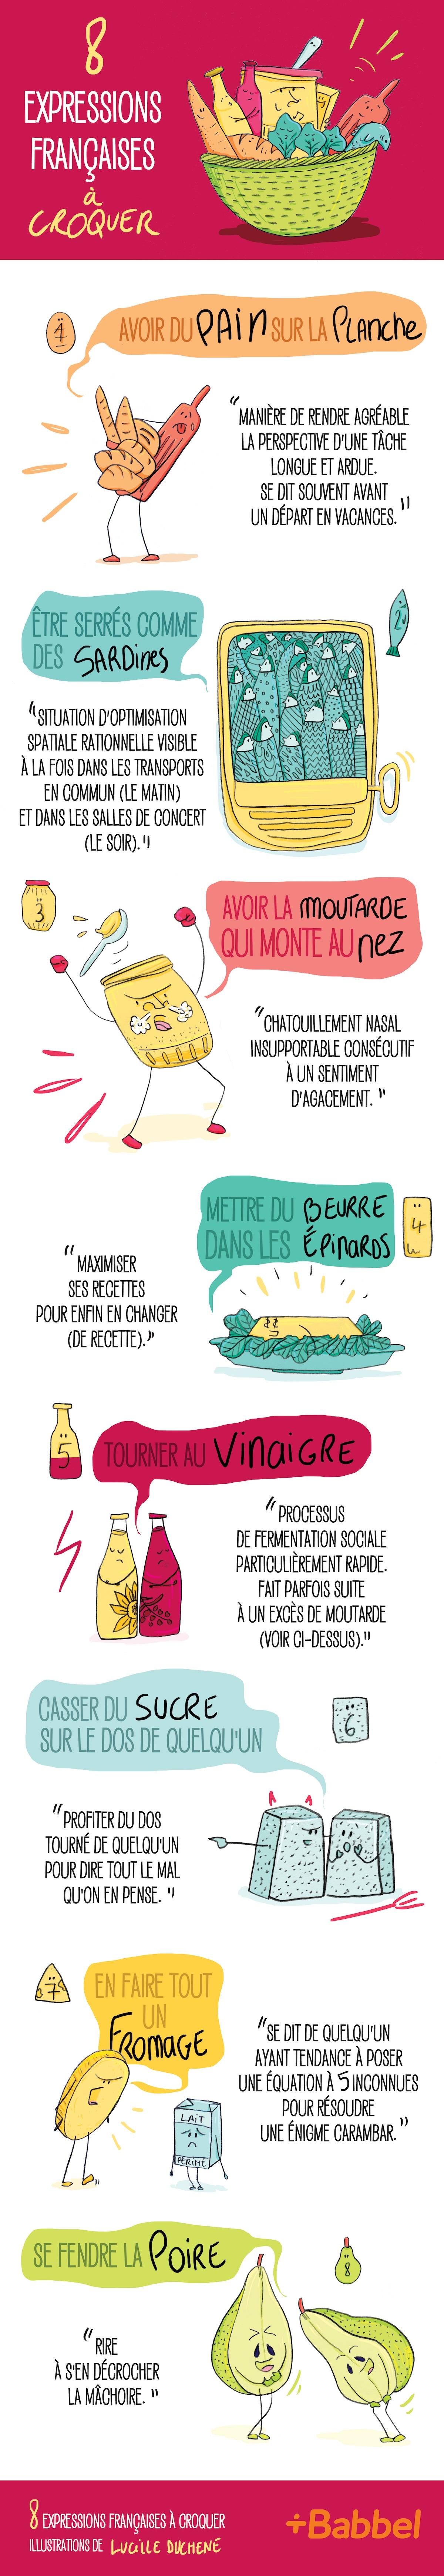 8 expressions culinaires françaises à croquer... et croquées pour Babbel !